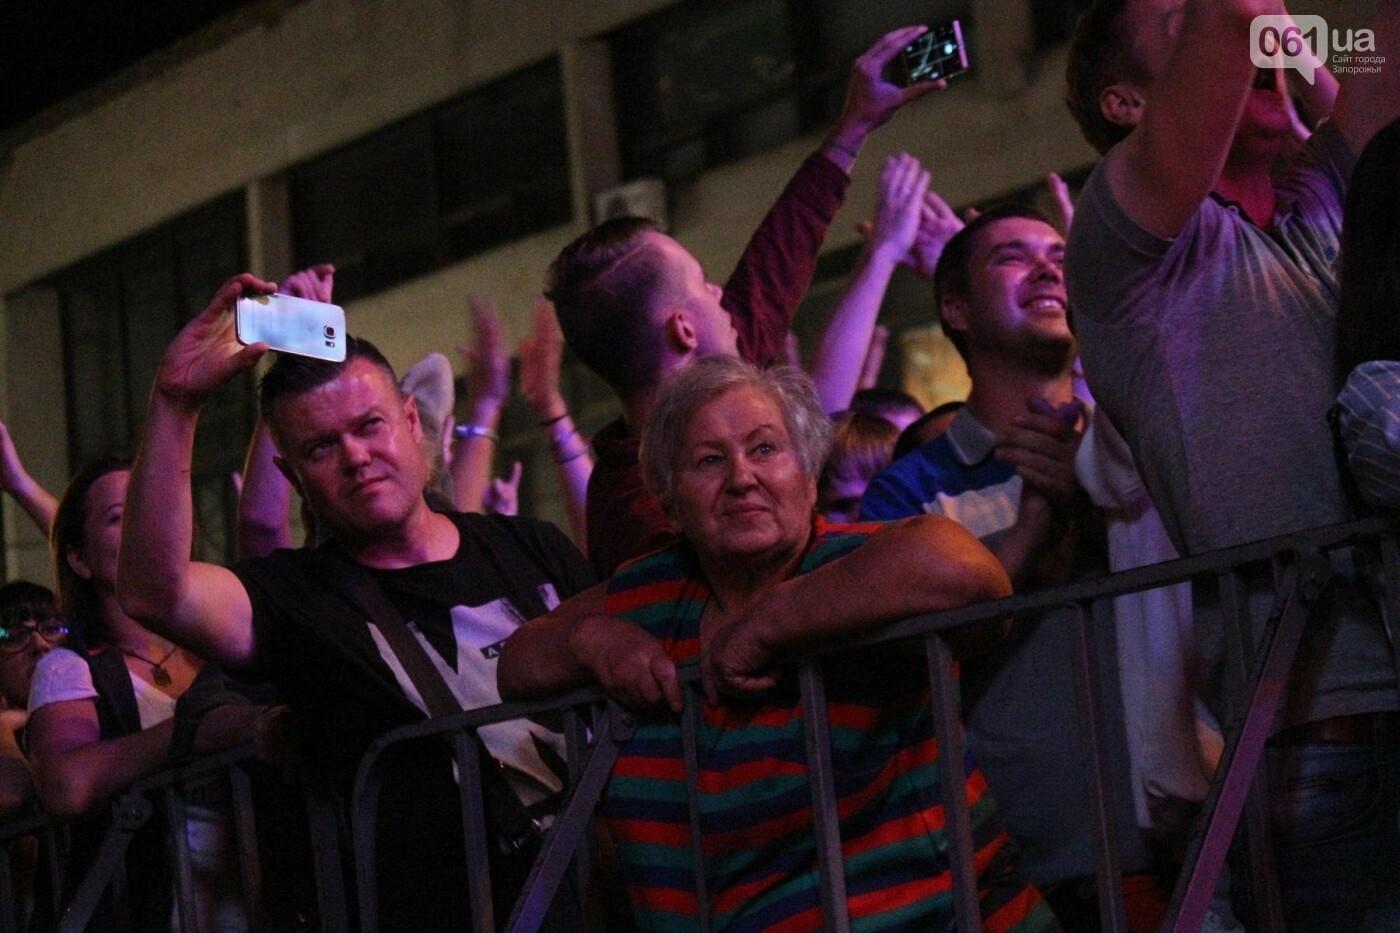 «ВВ», «Скай» и «Скрябин»: как прошел второй день фестиваля Khortytsia Freedom, – ФОТОРЕПОРТАЖ, фото-74